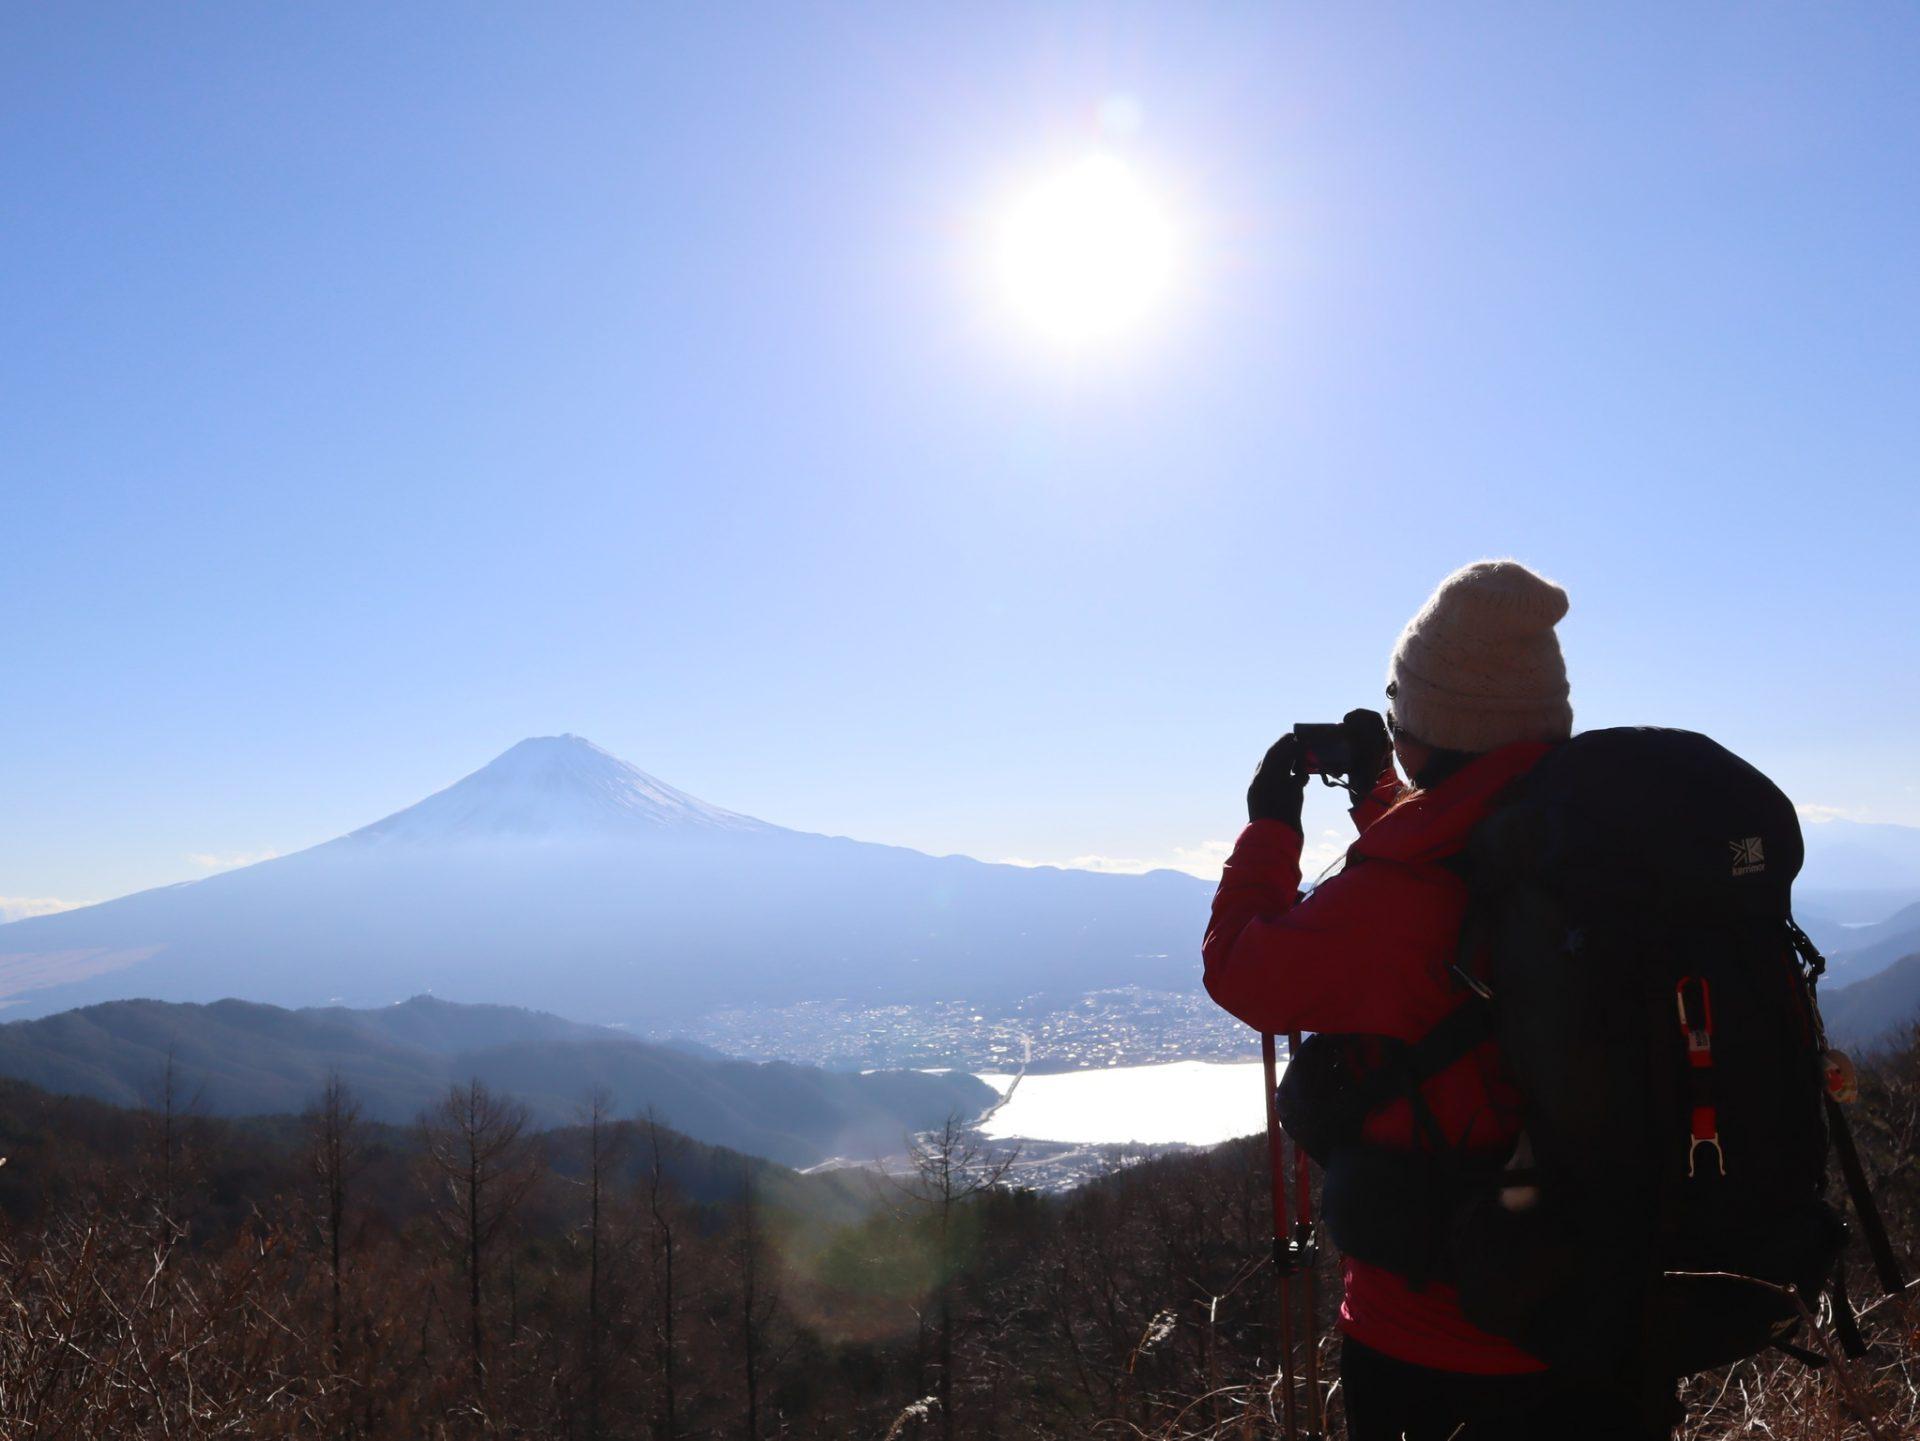 ご利益、開運を求めて新年早々富士山を拝む登山に出かけた山ガールのまりちゃんが今回登ったのは山梨でも人気の三ツ峠。新年早々の登山・ハイキングはどうだったのでしょうか。